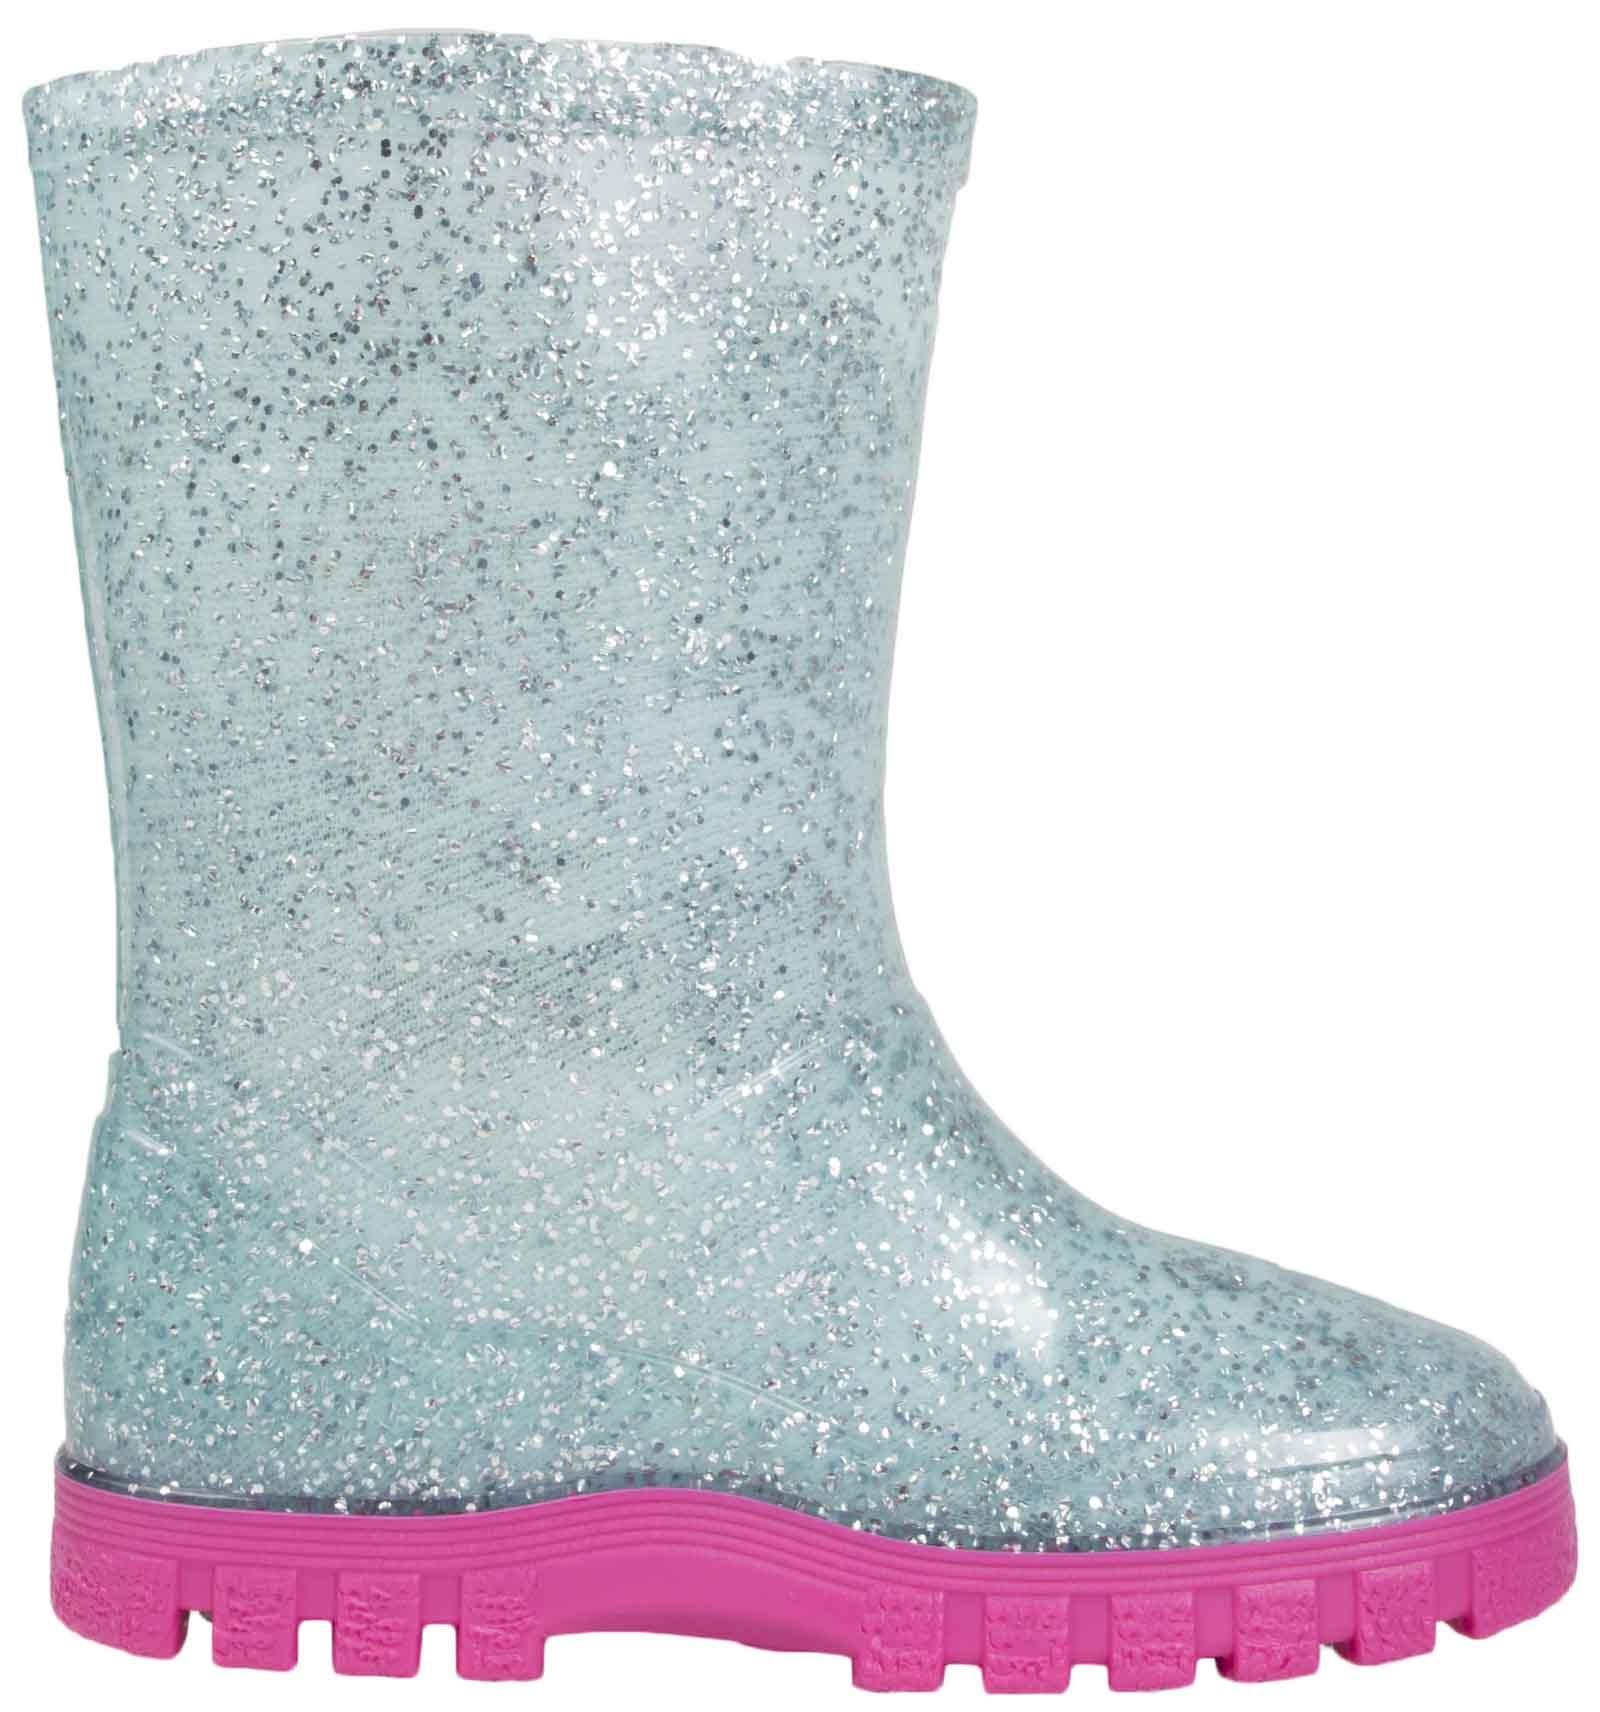 Girls-Peppa-Pig-Wellington-Boots-Mid-Calf-Gitter-Snow-Rain-Wellies-Kids-Size Indexbild 9